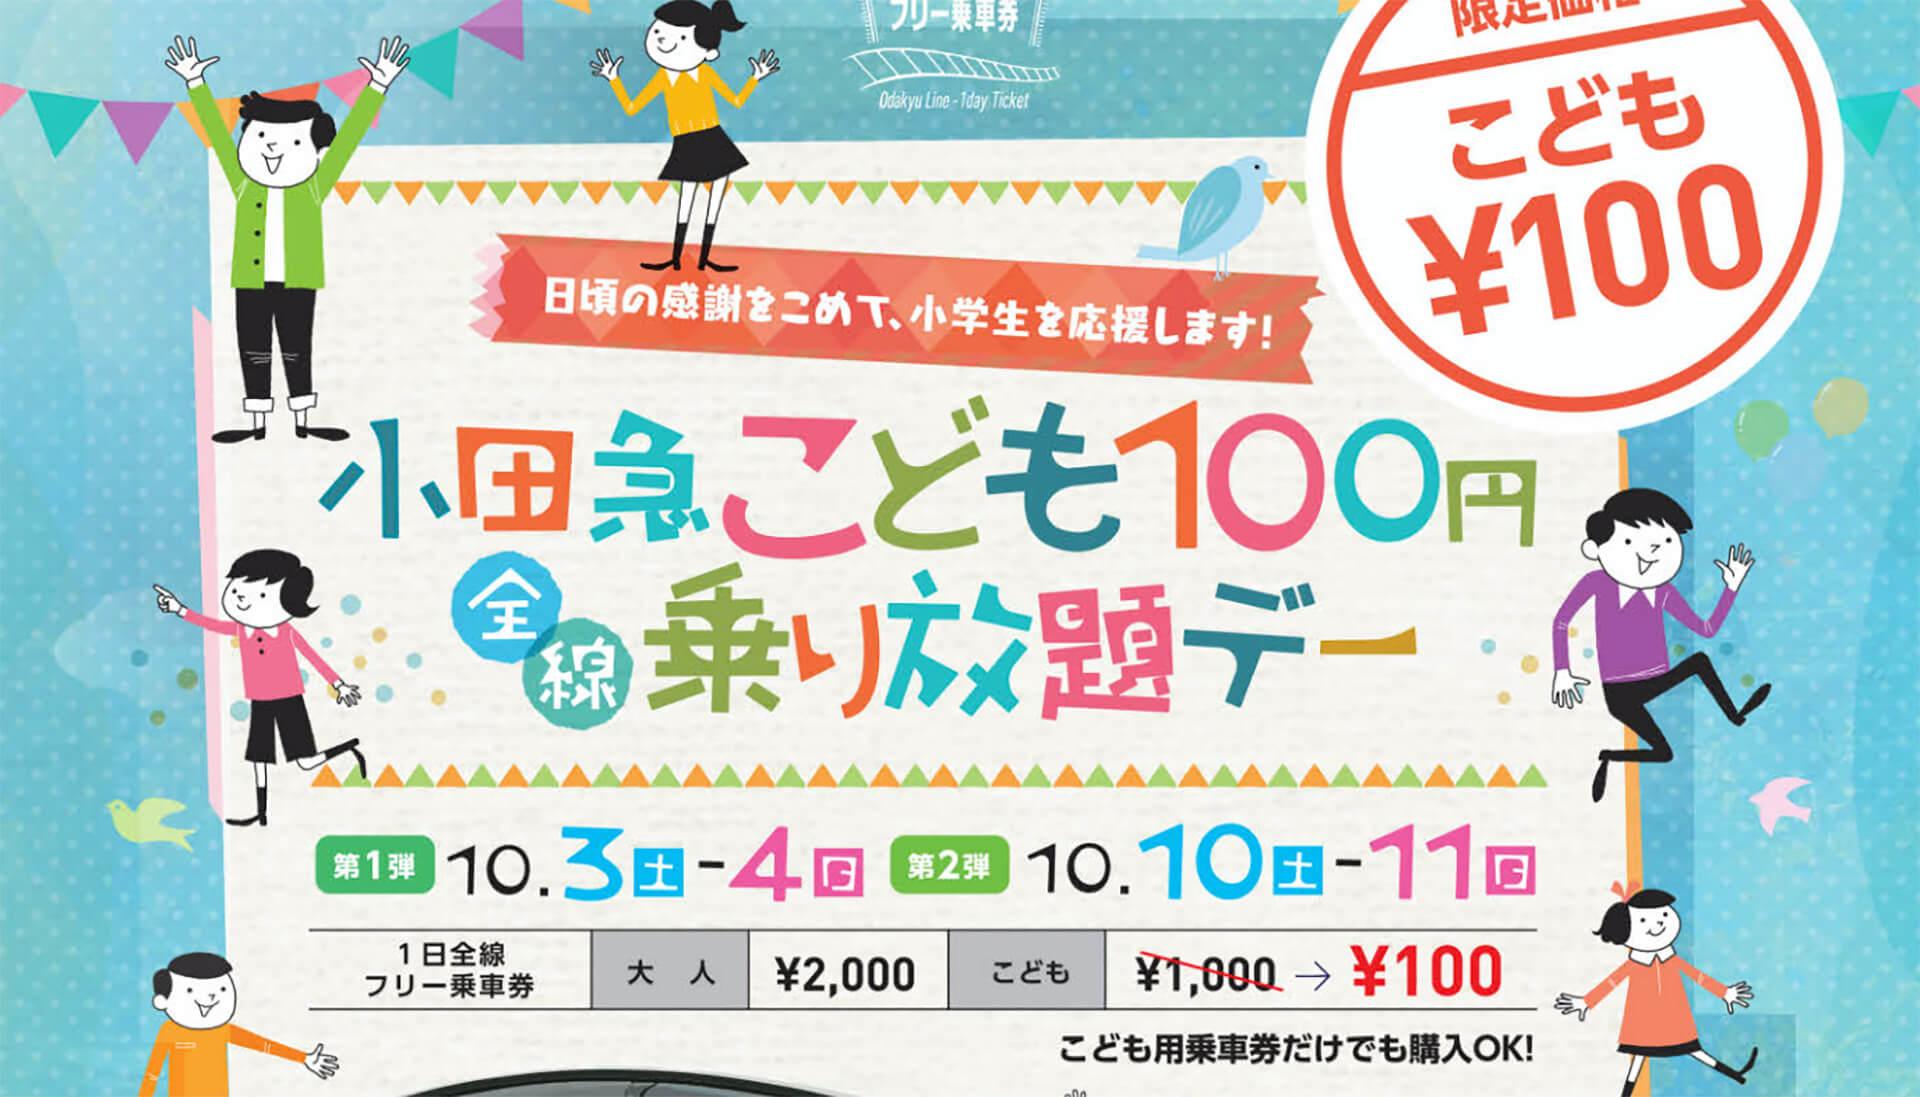 小田急 こども100円乗り放題デー